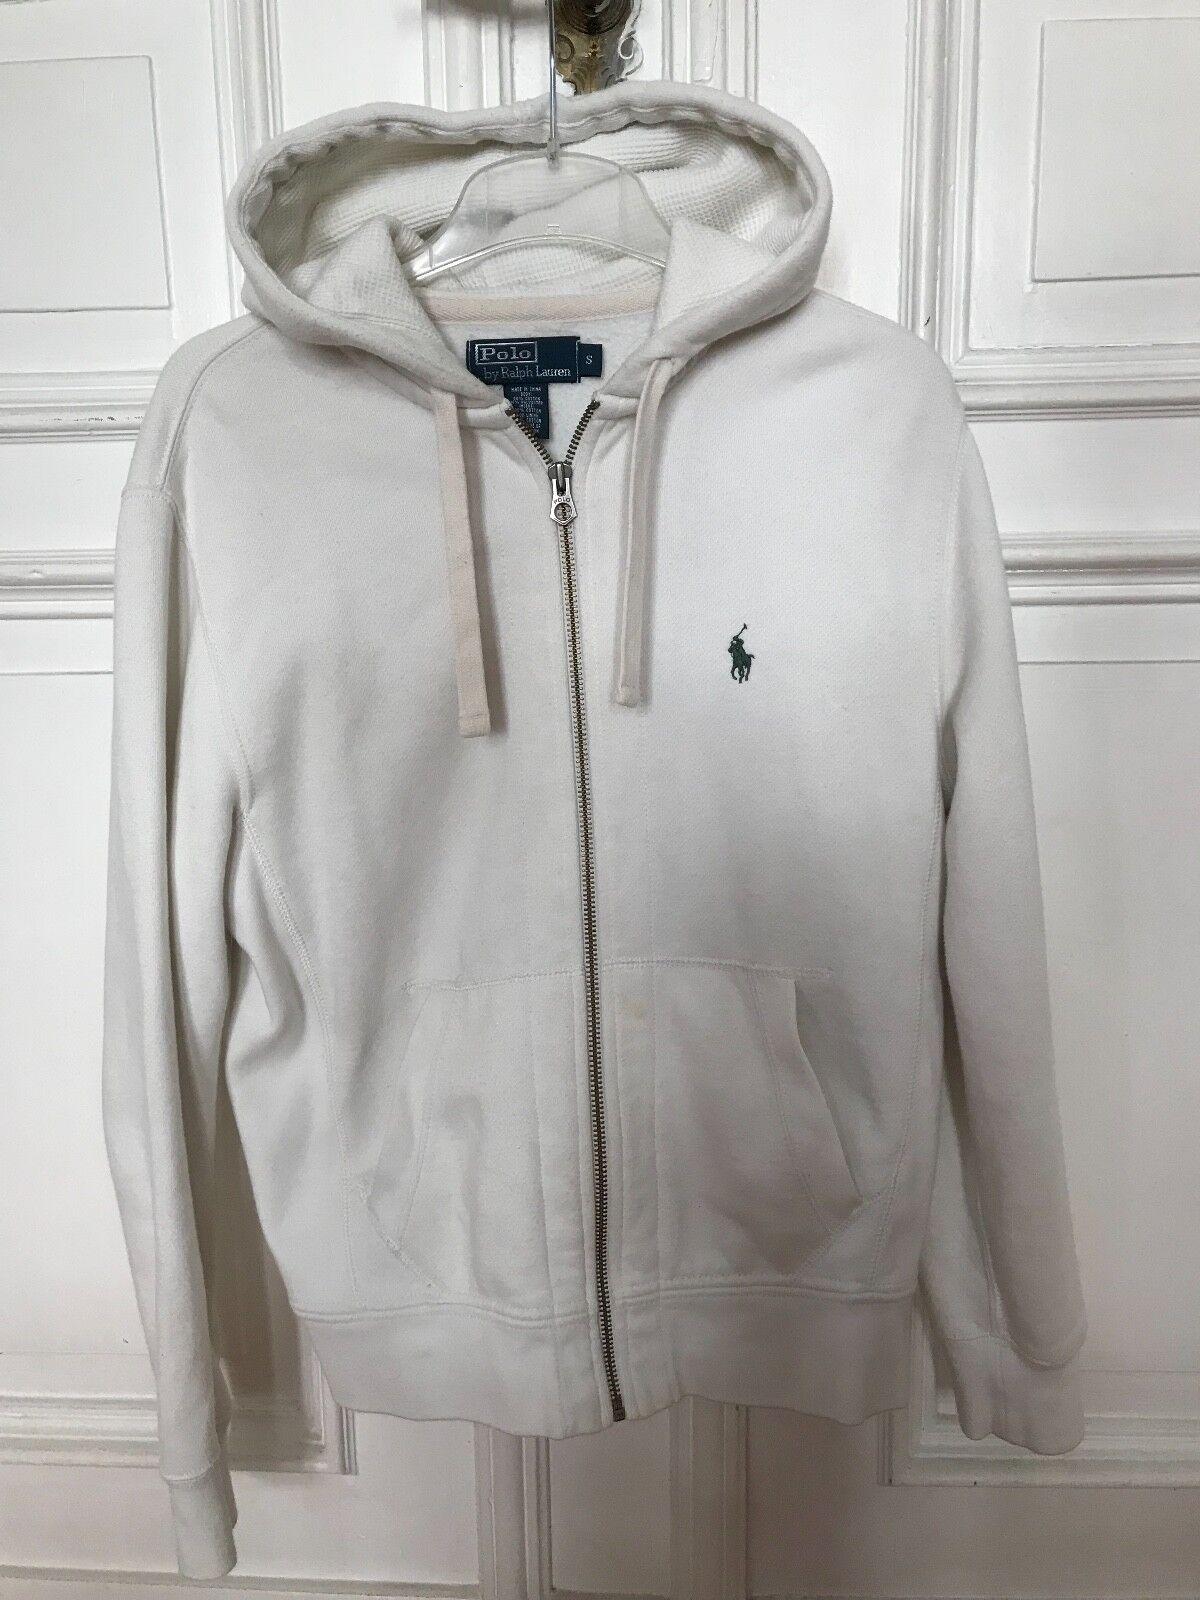 Polo Ralph Lauren Kapuzenpullover Pullover Sweatshirt weiß Gr. S 84% Baumwolle